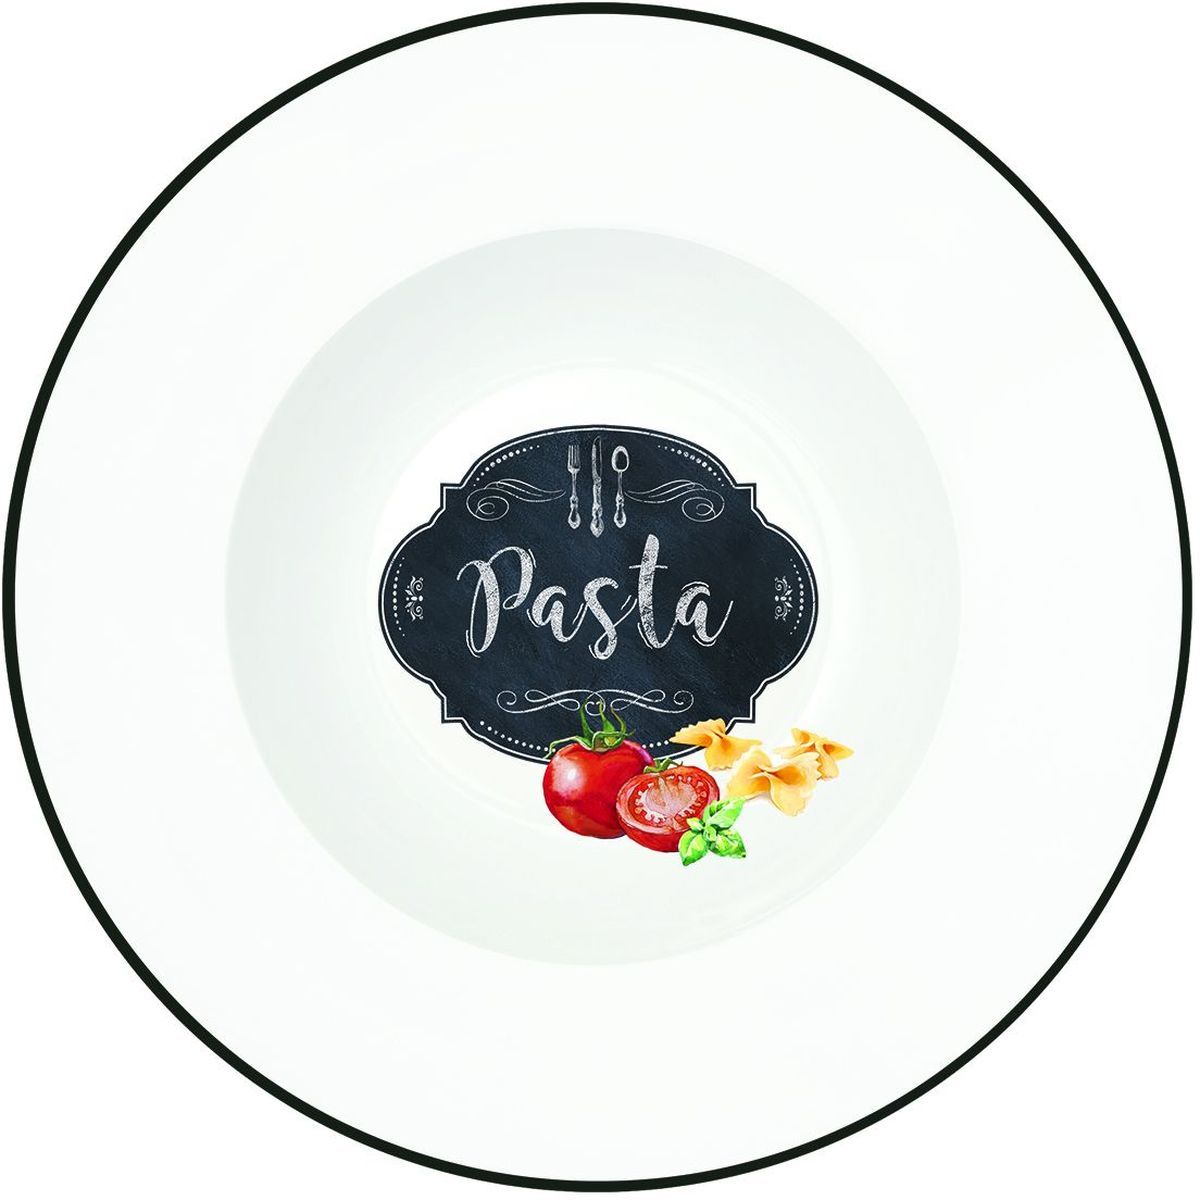 Блюдо для пасты Easy Life Кухня, диаметр 30 см1626KIBPБлюдо для пасты Easy Life Кухня изготовлено из высококачественного фарфора. Блюдо имеет оригинальную форму и дизайн, а высокое качество и практичность позволят использовать его долгое время.